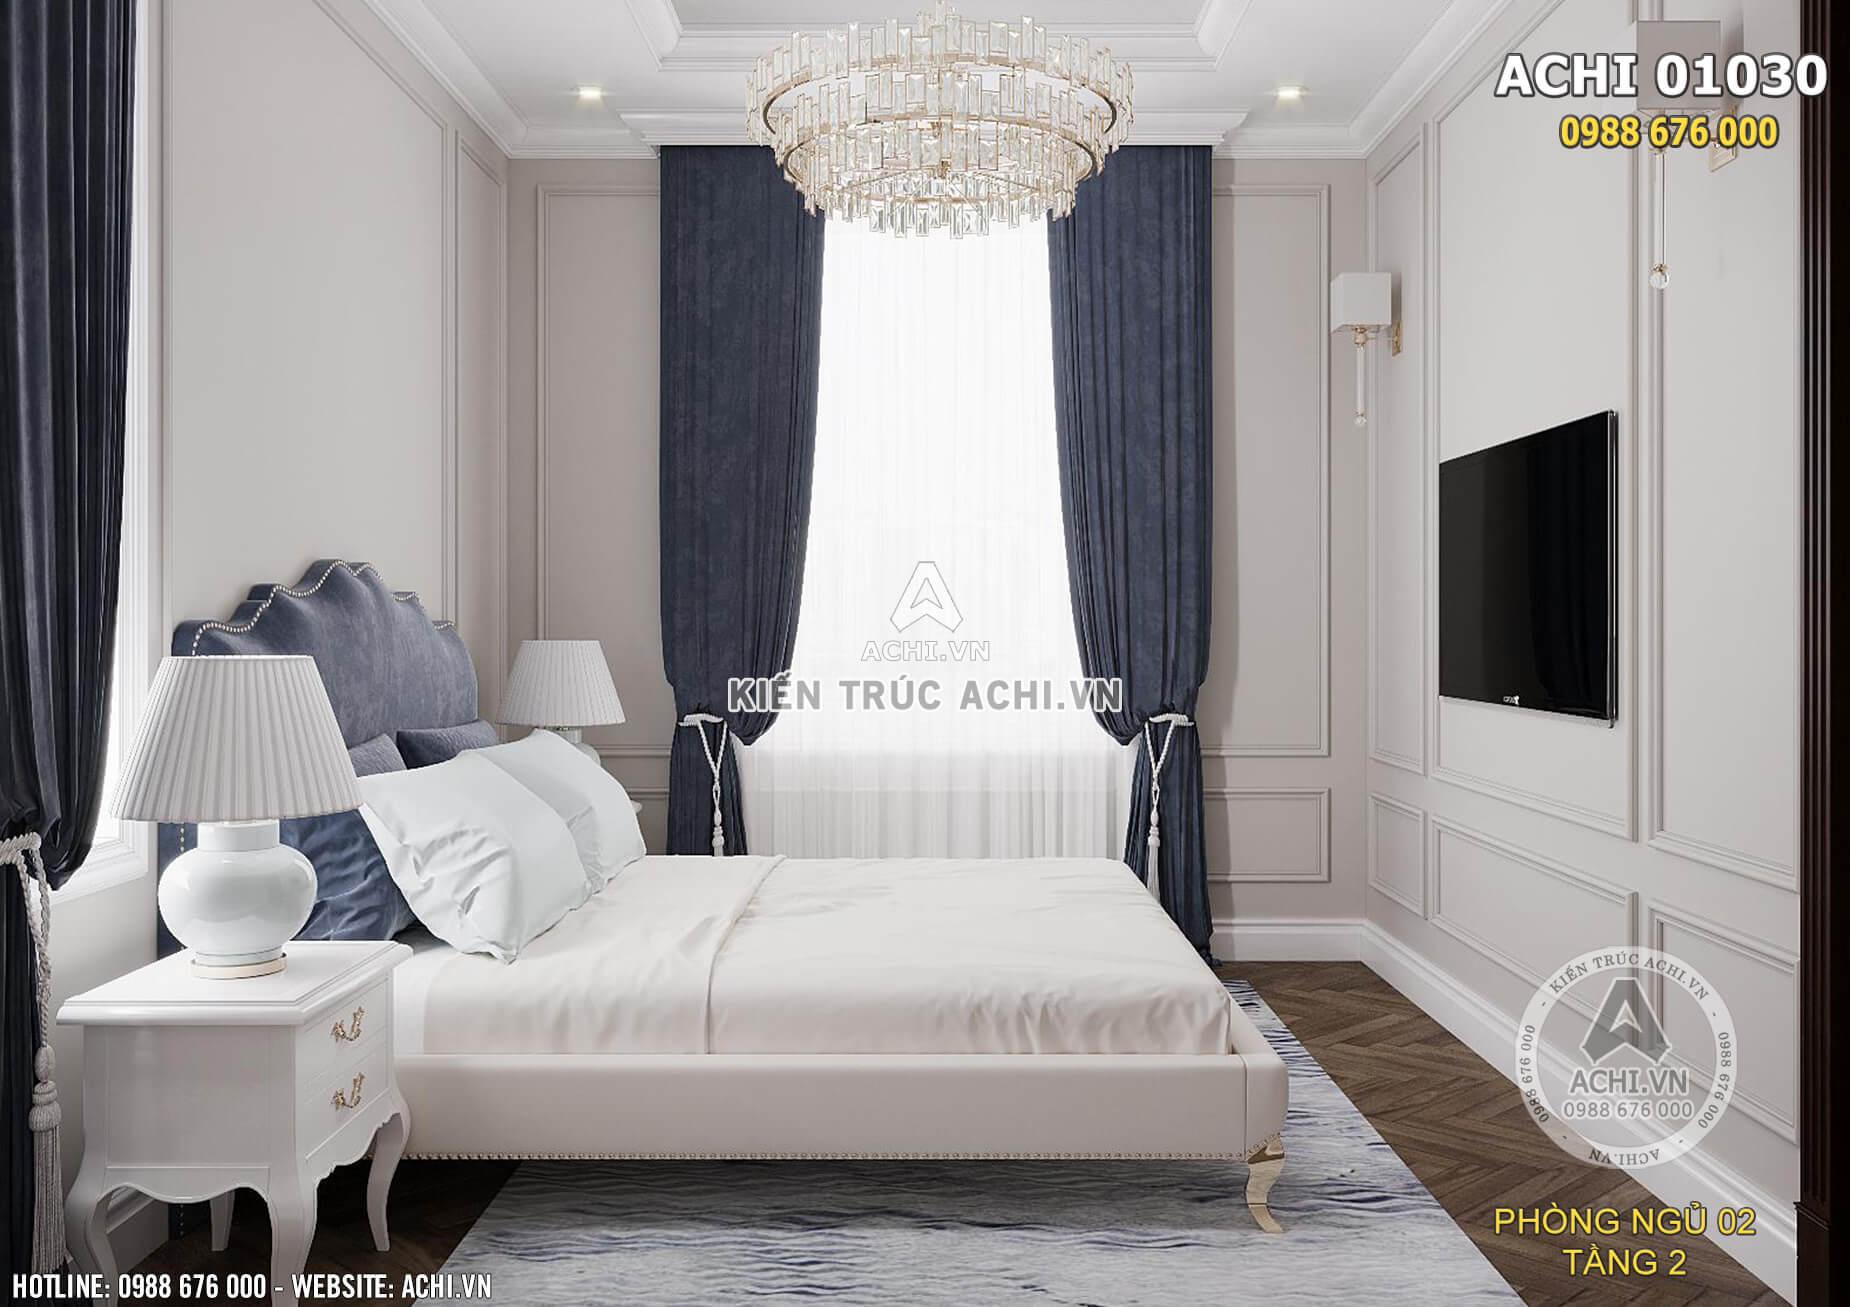 Phòng ngủ được thiết kế tối giản nhưng tiện nghi